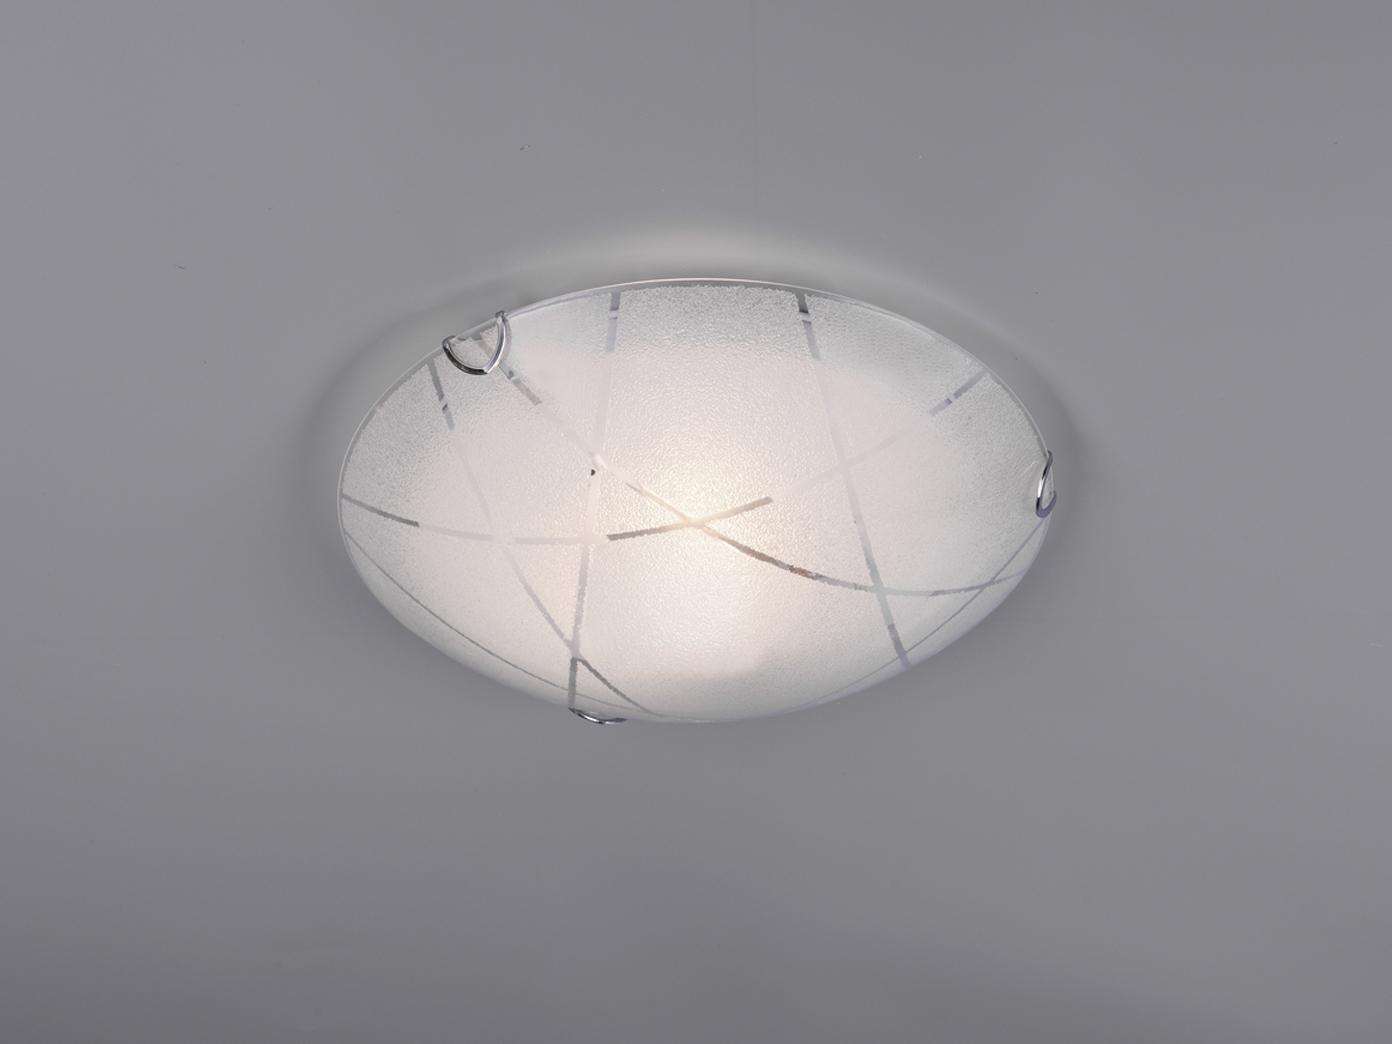 Coole Glas Deckenschale aus Chrom Schirm in weiß mit ausgefallener Glasdeko E27